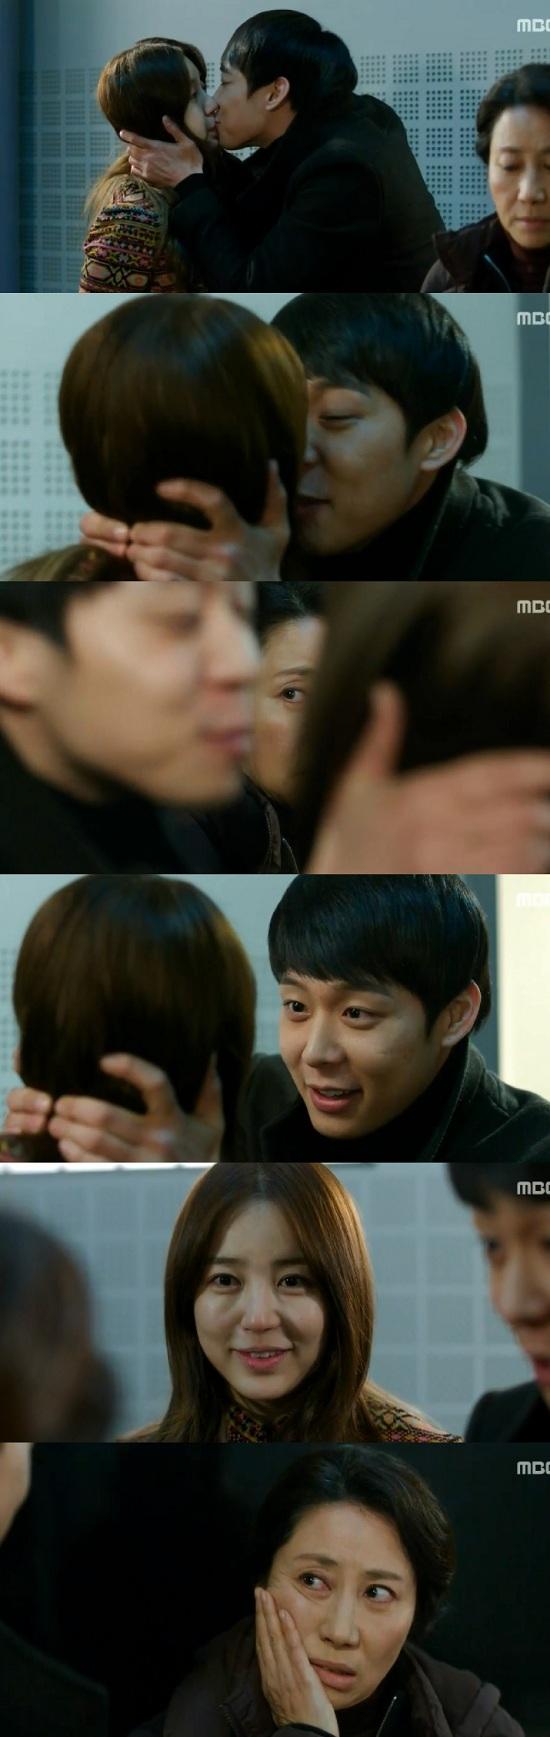 park yoochun and yoon eun hye dating 2013